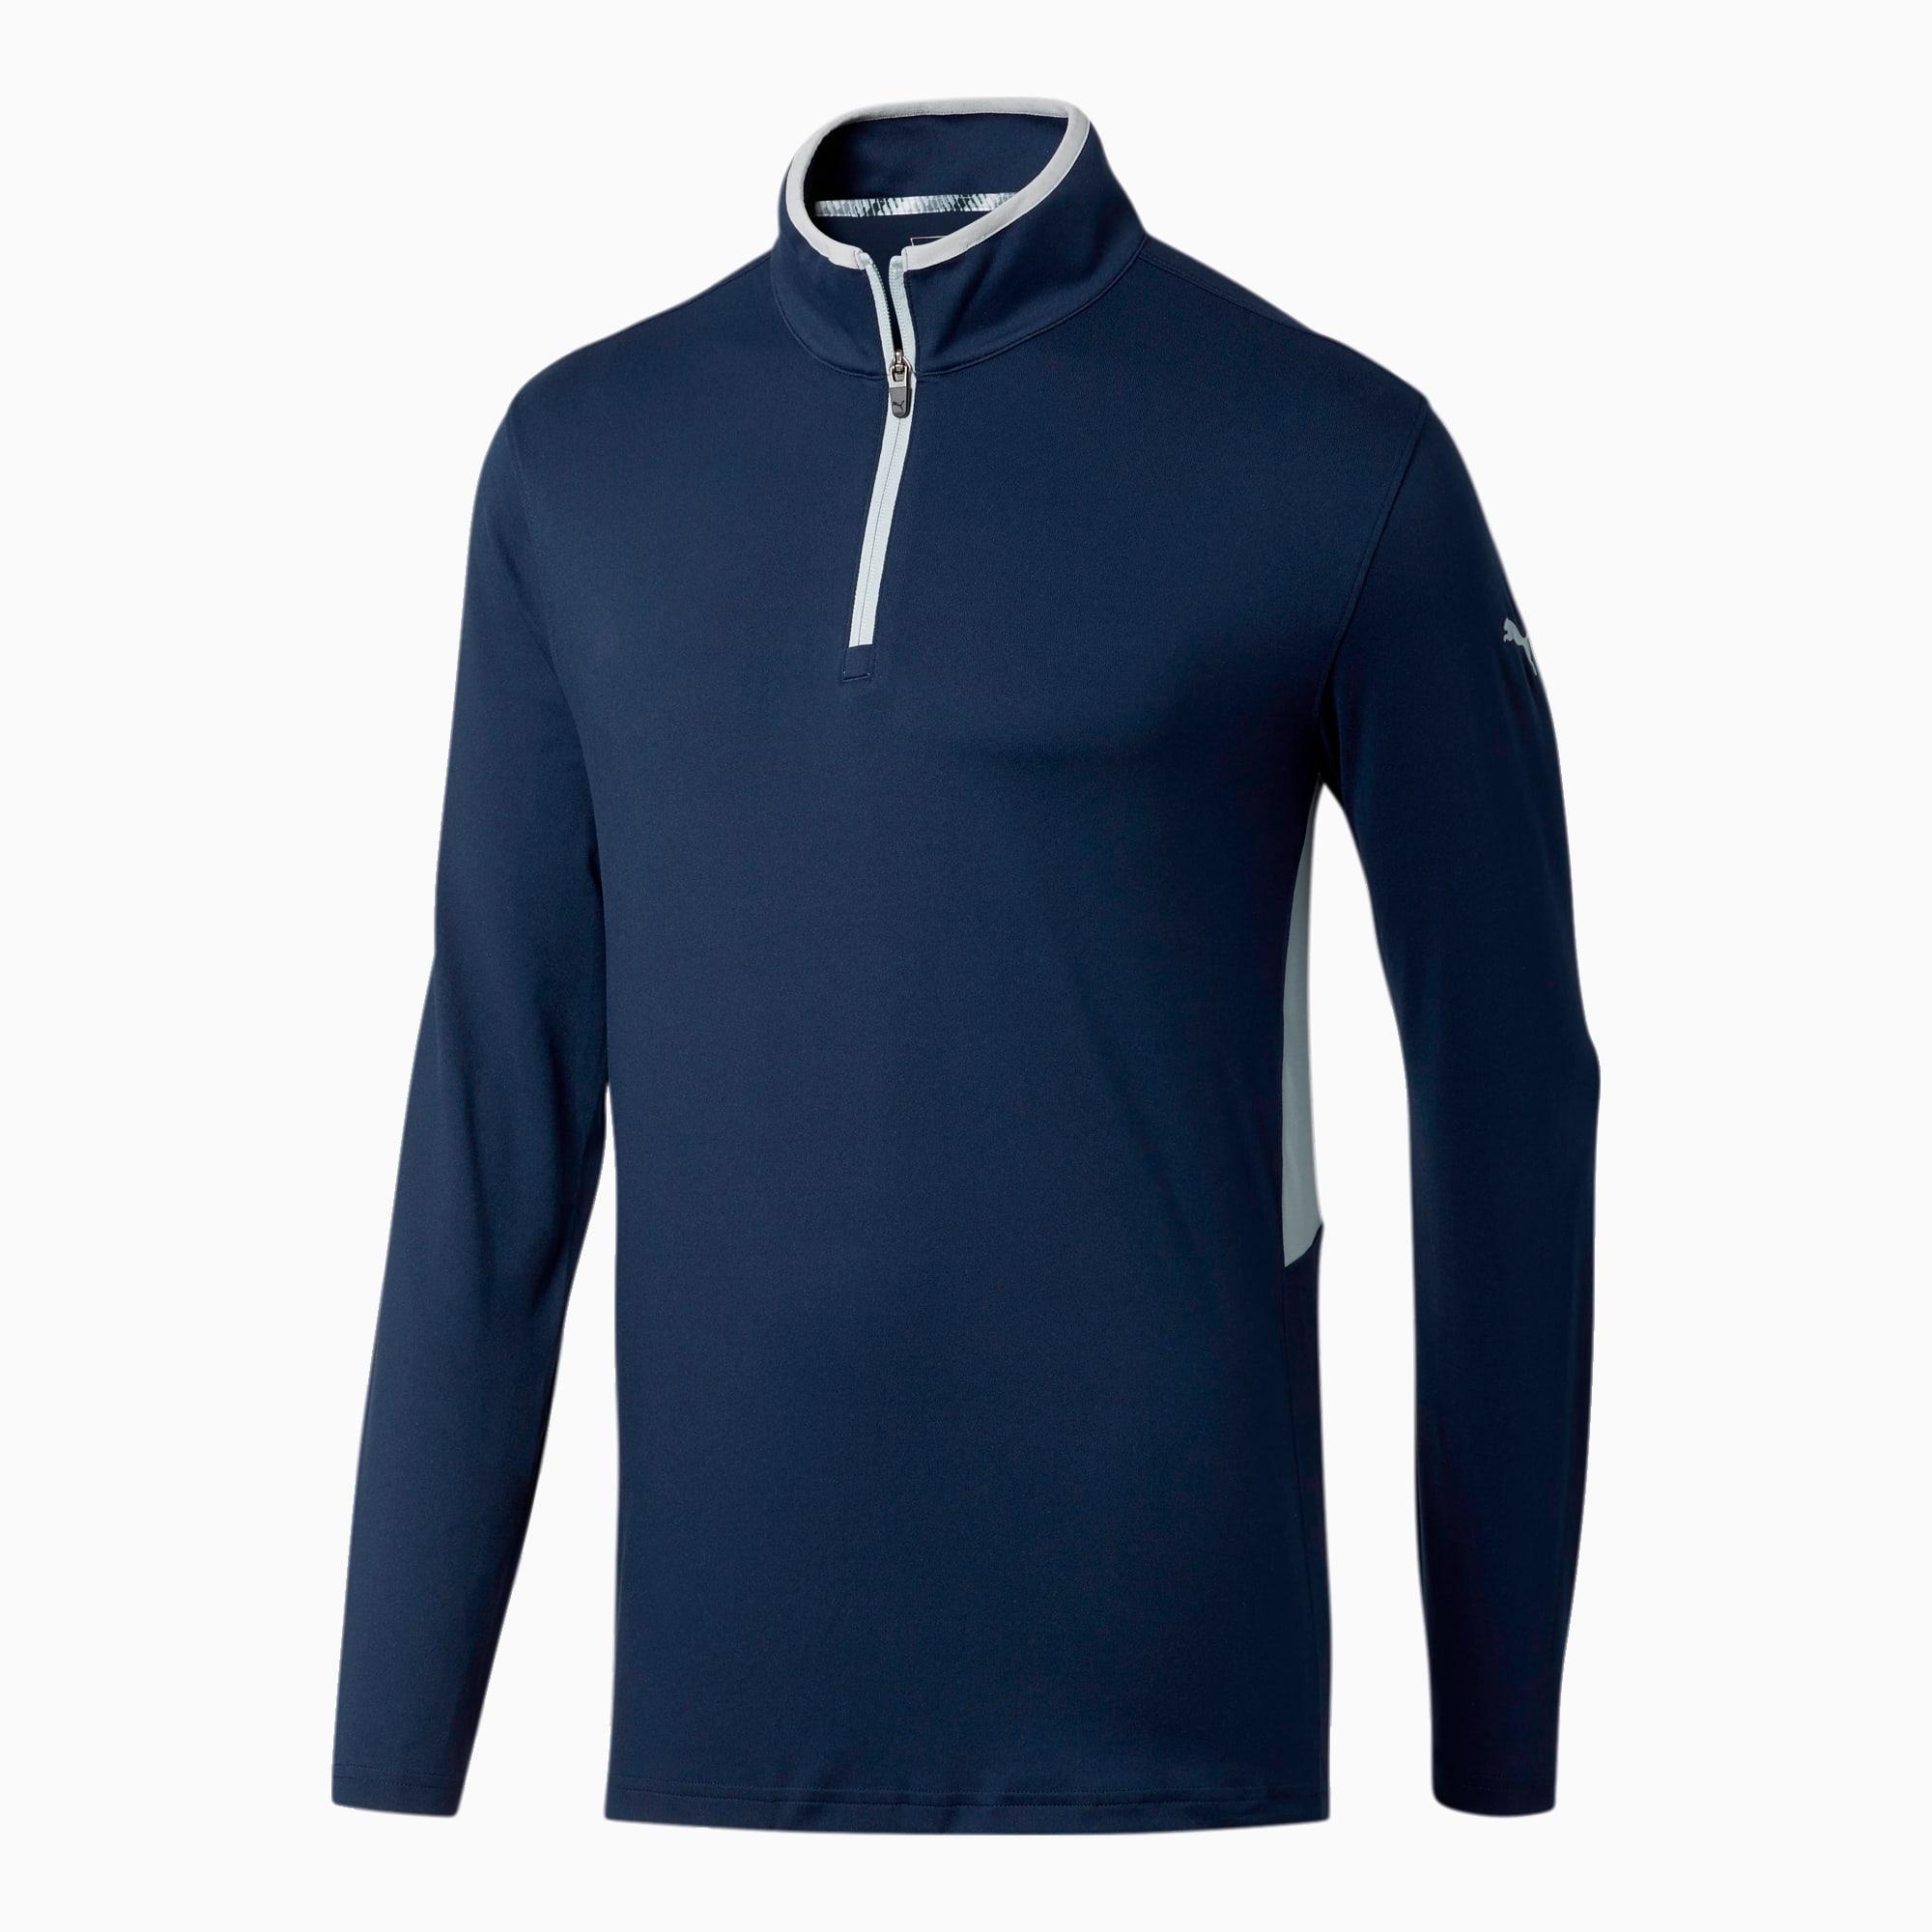 Puma Men's Active ¼ Zip Pullover